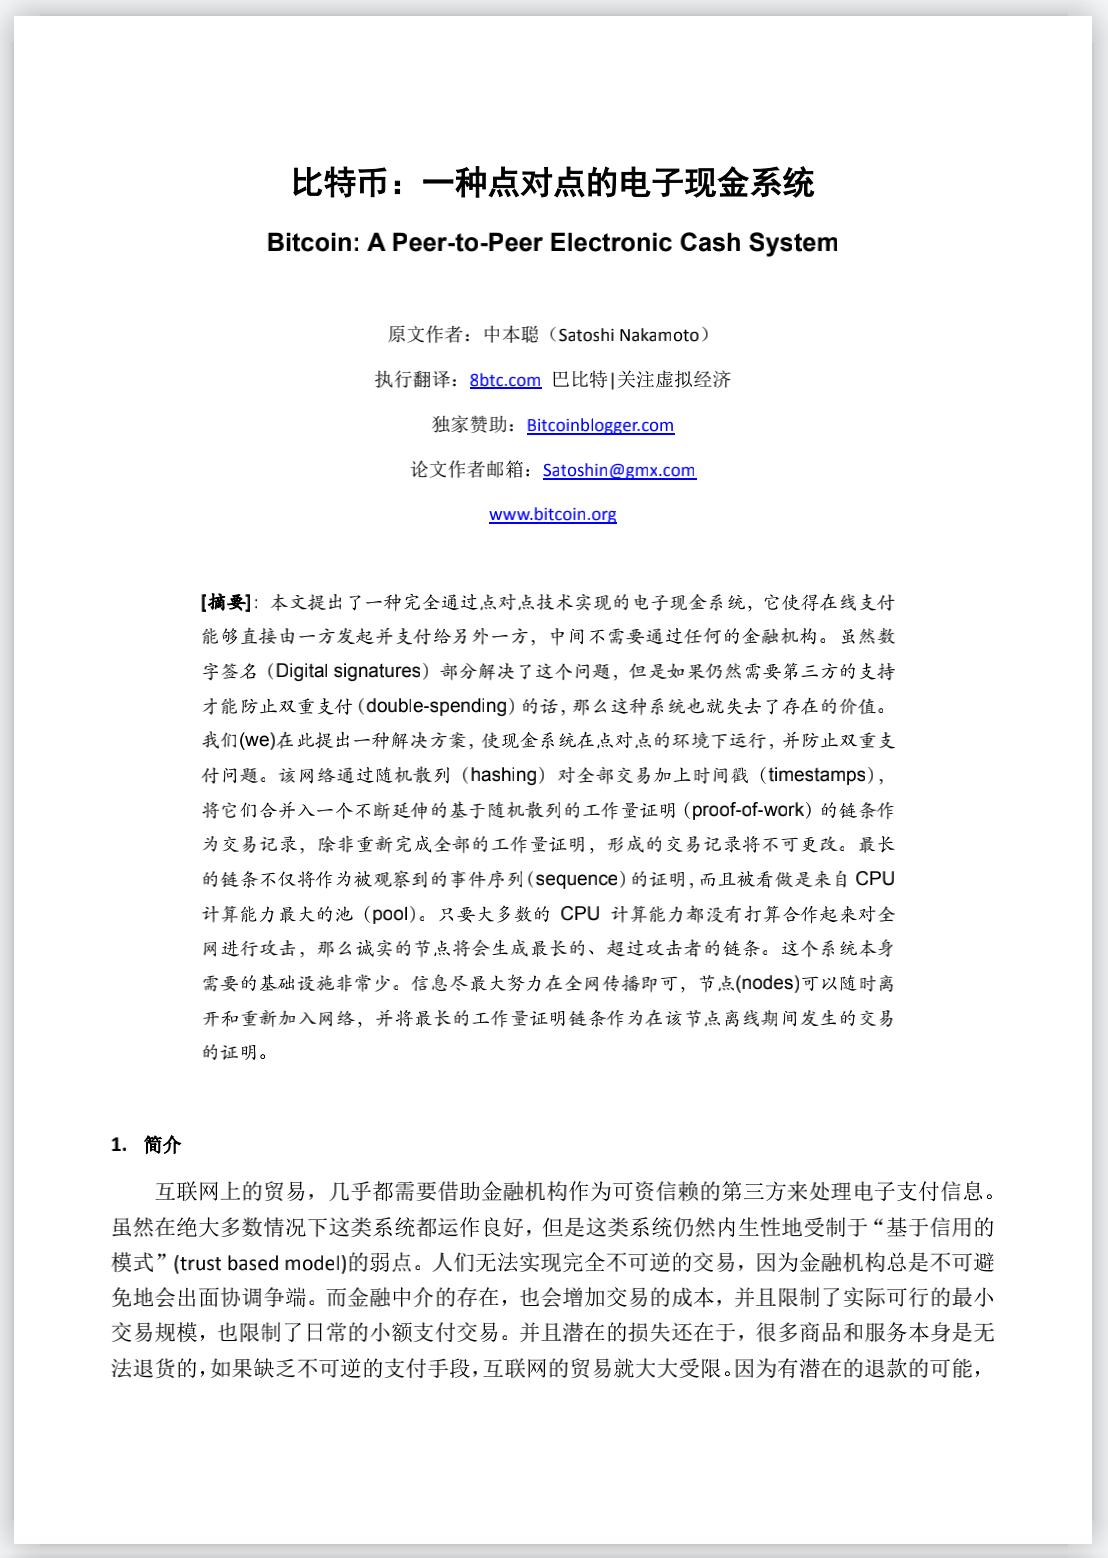 比特币白皮书:一种点对点的电子现金系统